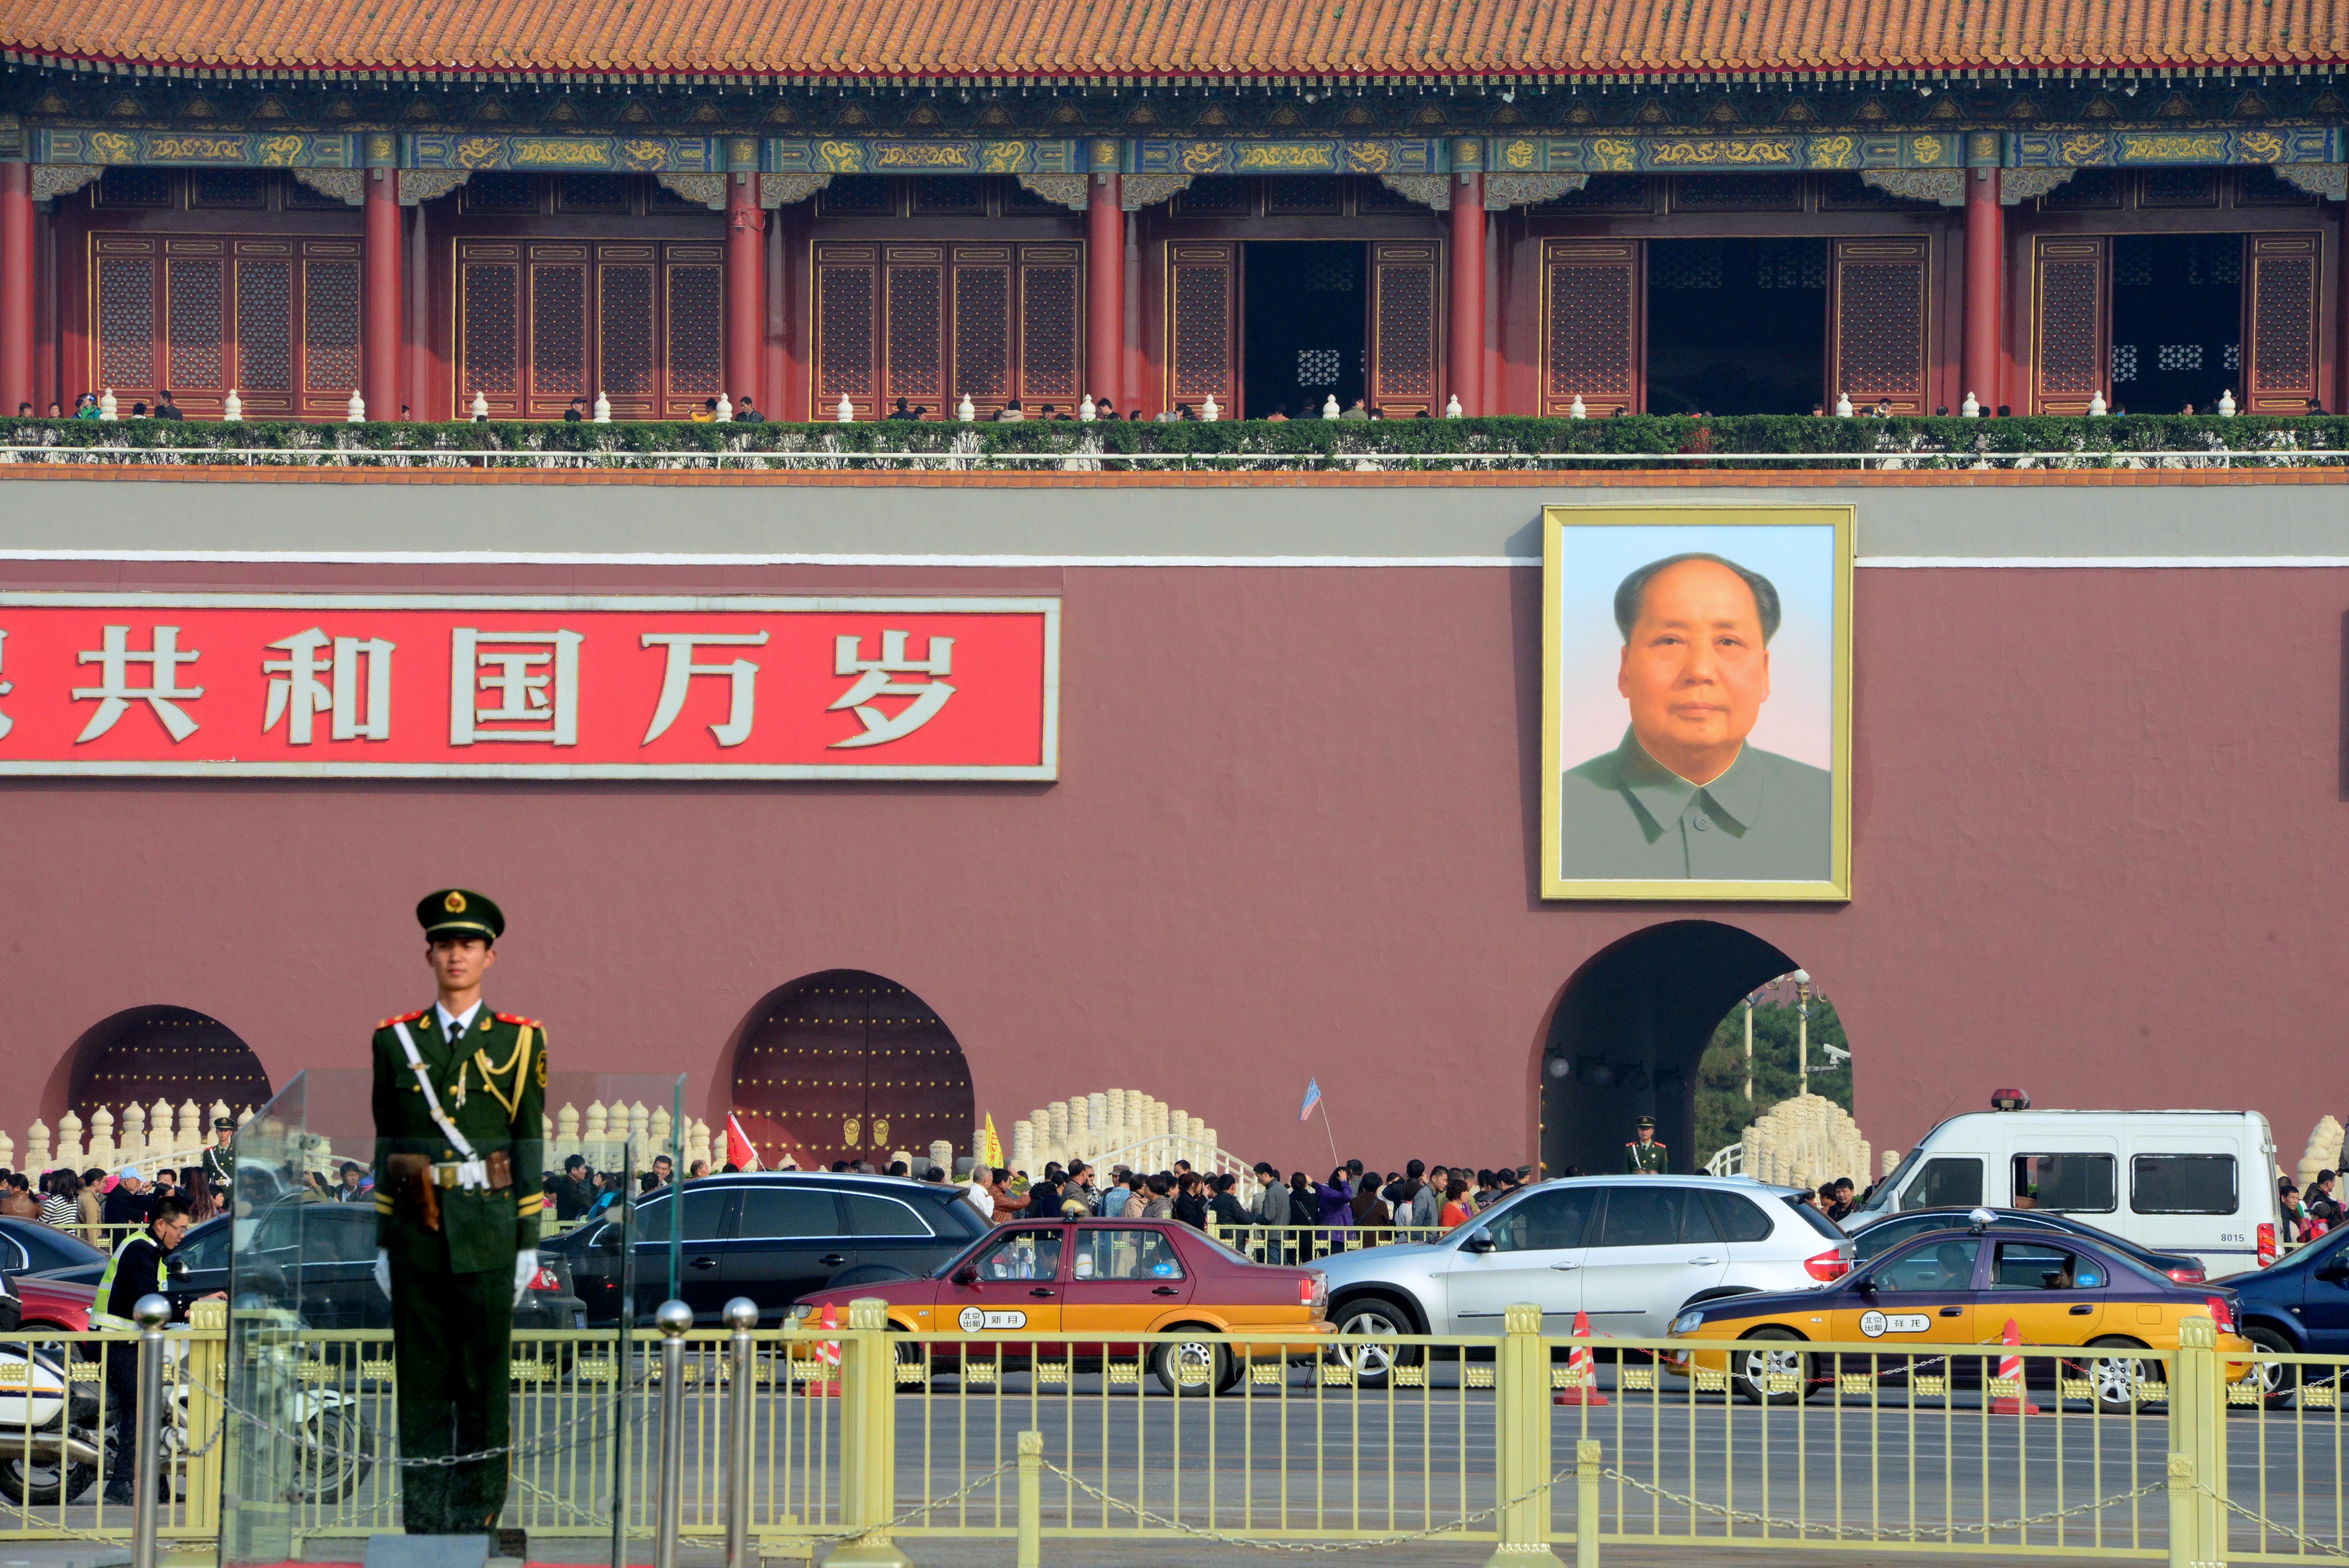 Te muestro 15 cosas buenas que hizo Mao Zedong